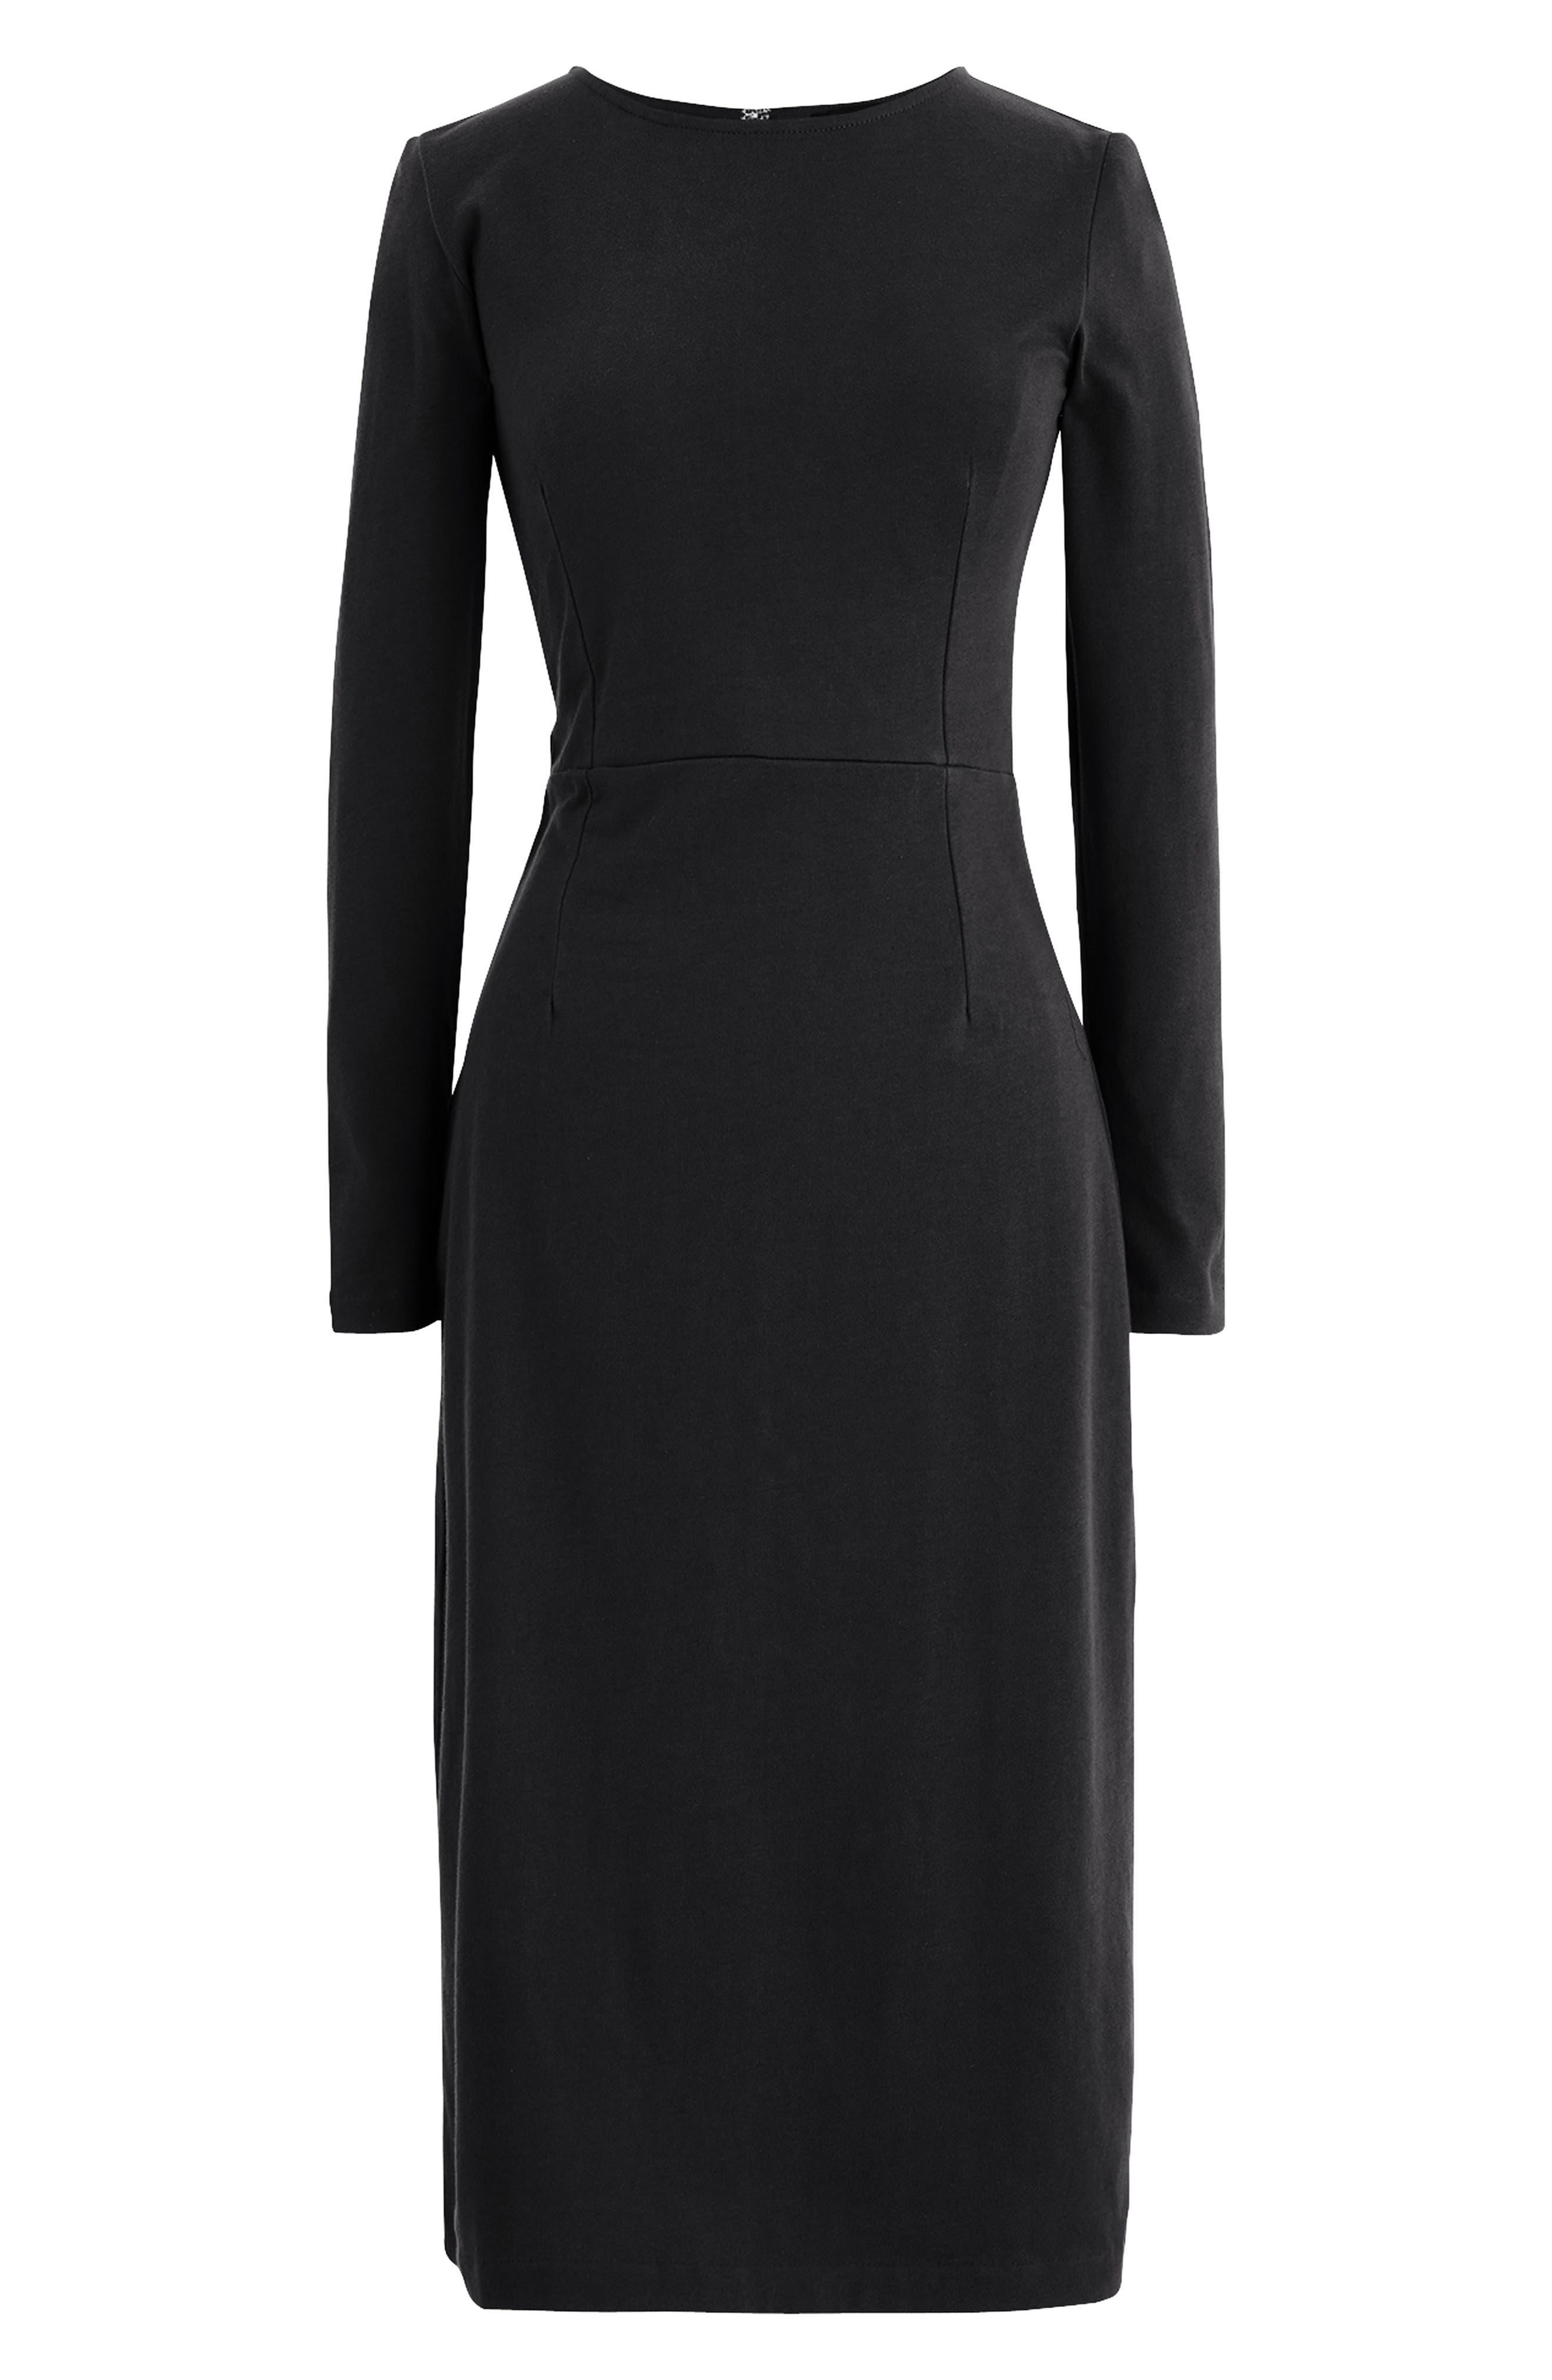 J.crew Knit Sheath Dress, Black